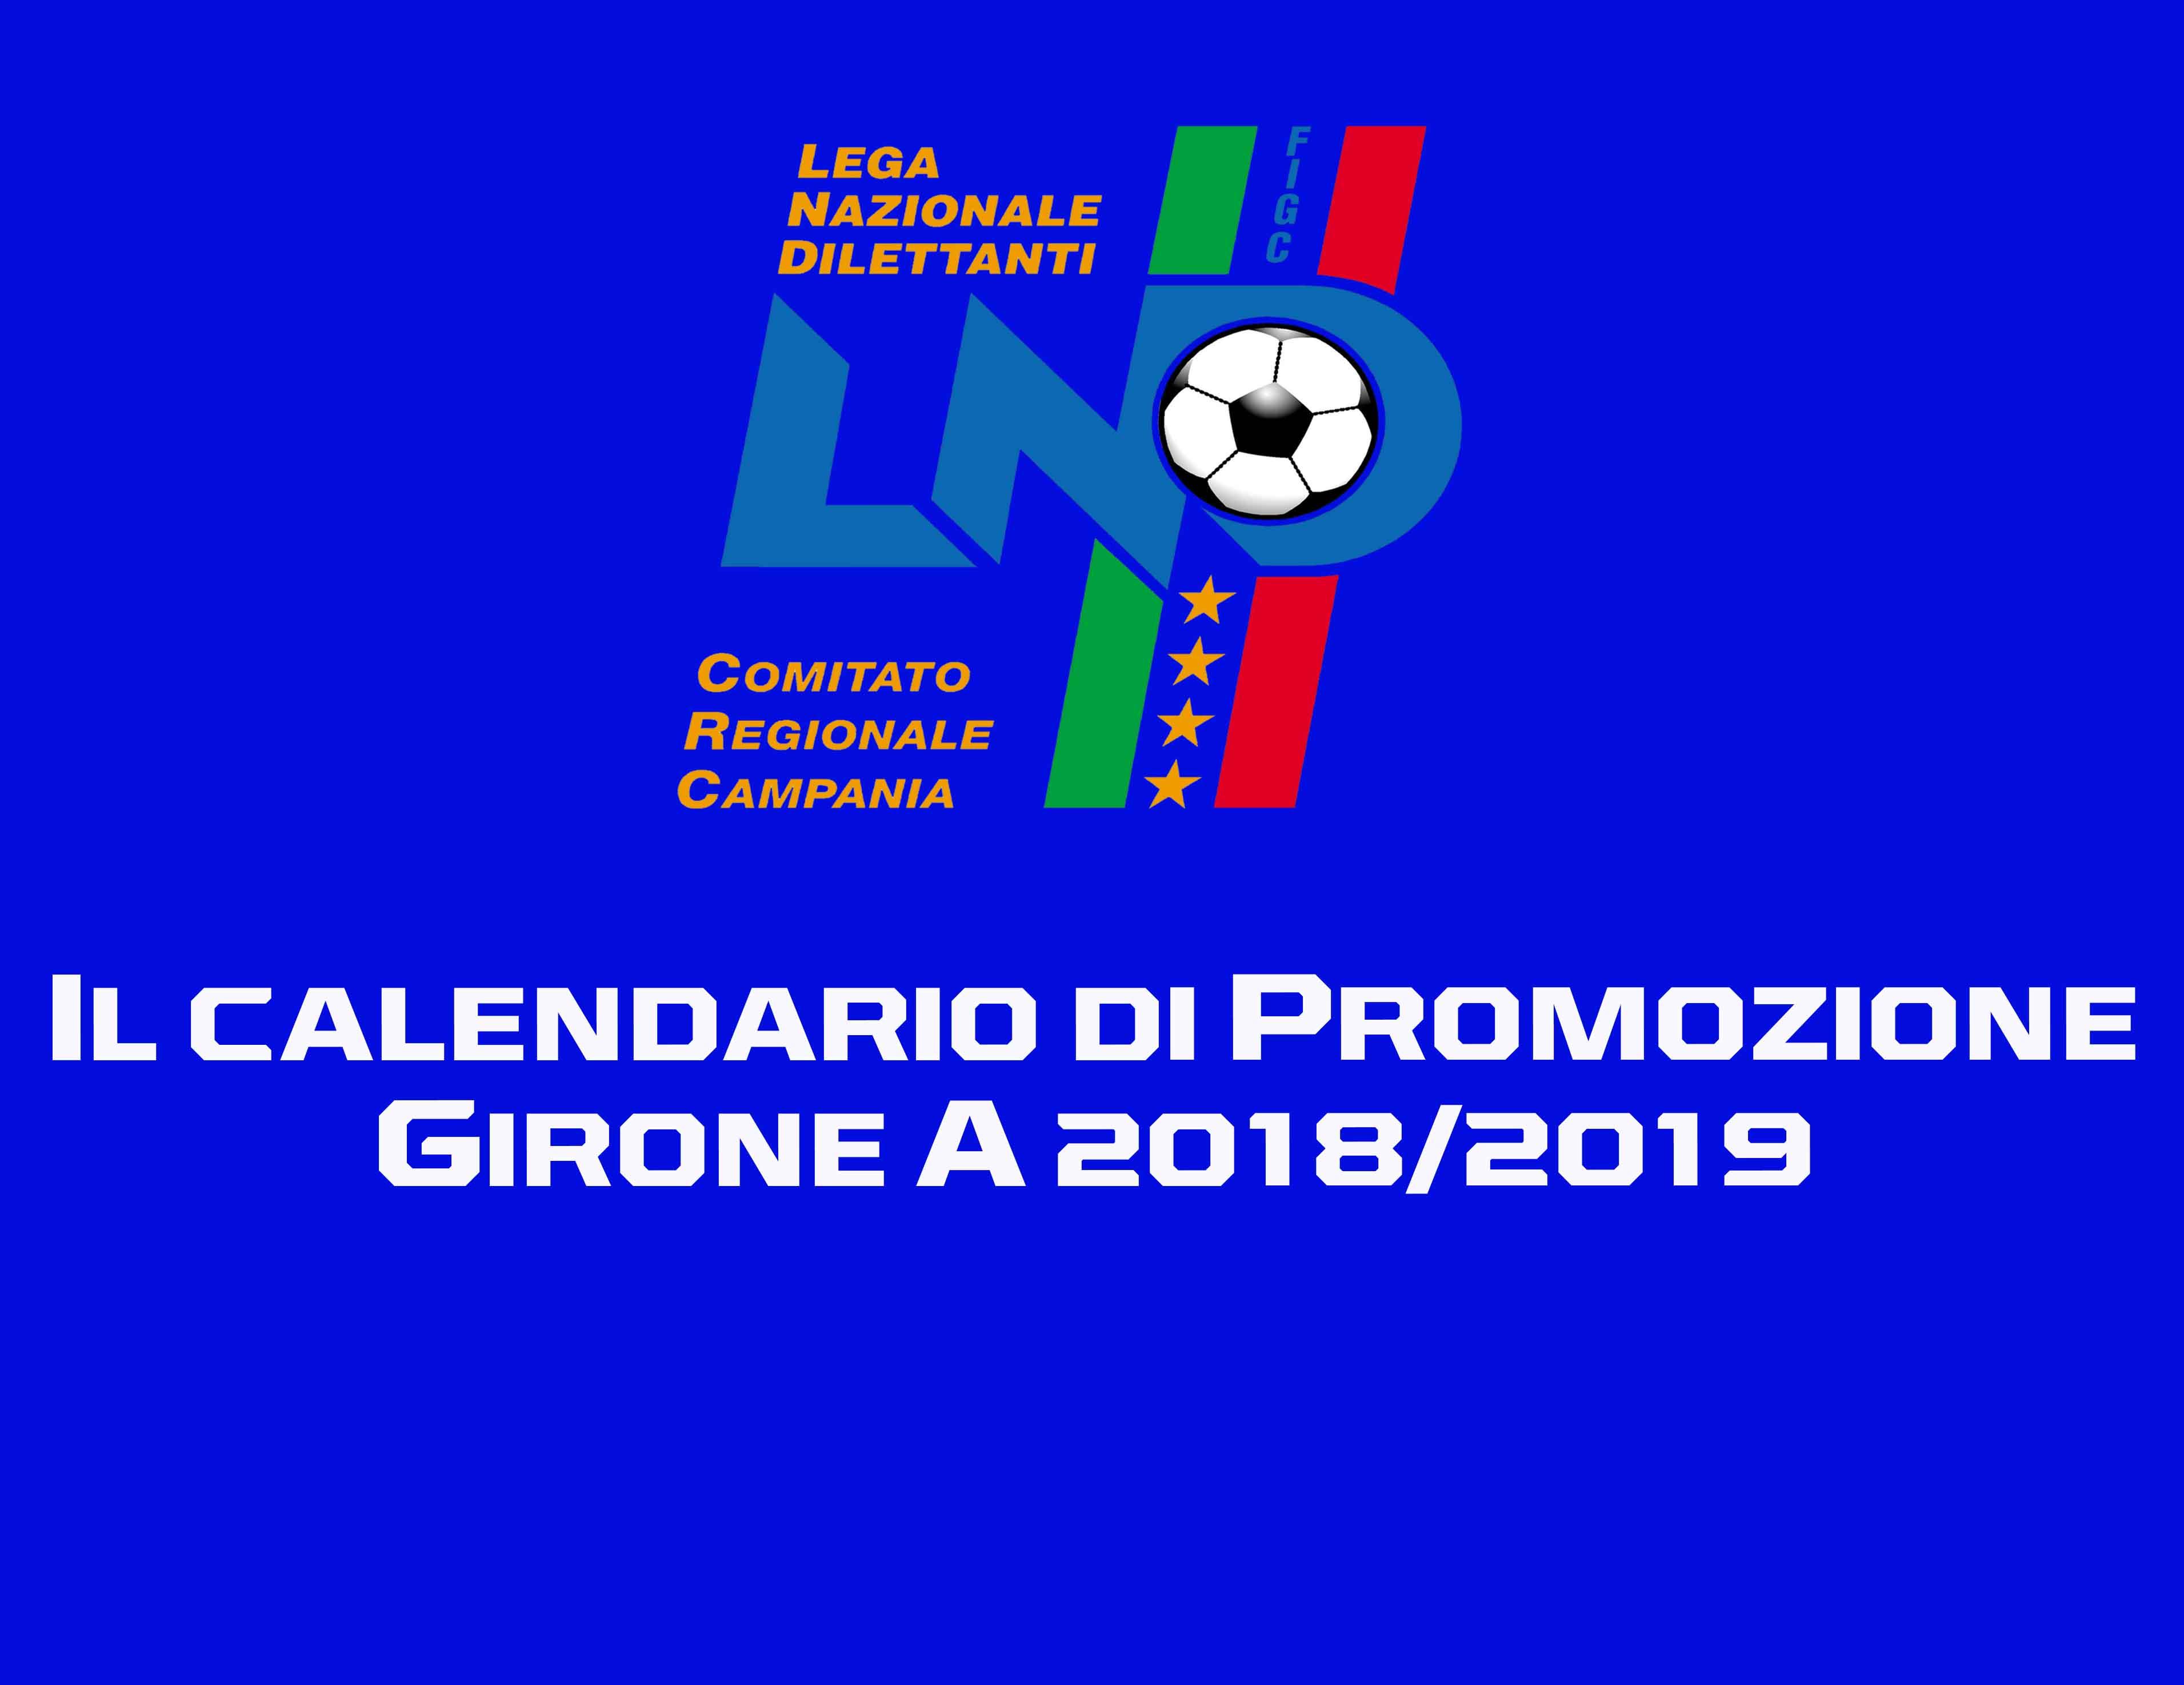 Calendario Promozione Campania.Nel Girone A Di Promozione Otto Casertane Al Via Scarica Il